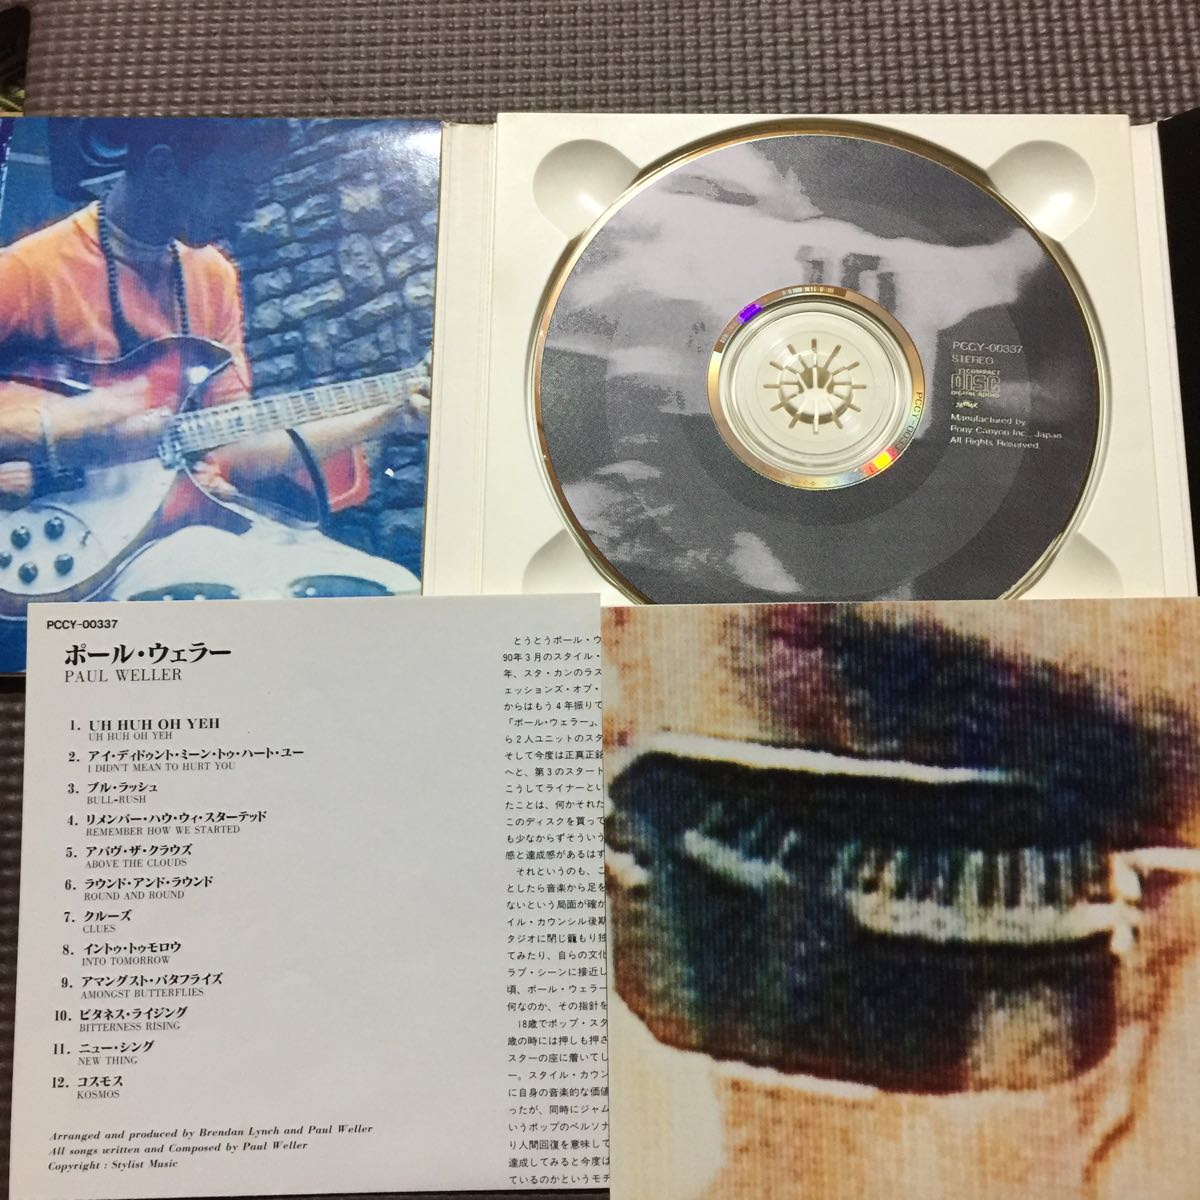 ポール・ウェラー PAUL WELLER 国内盤【デジパック仕様】CD